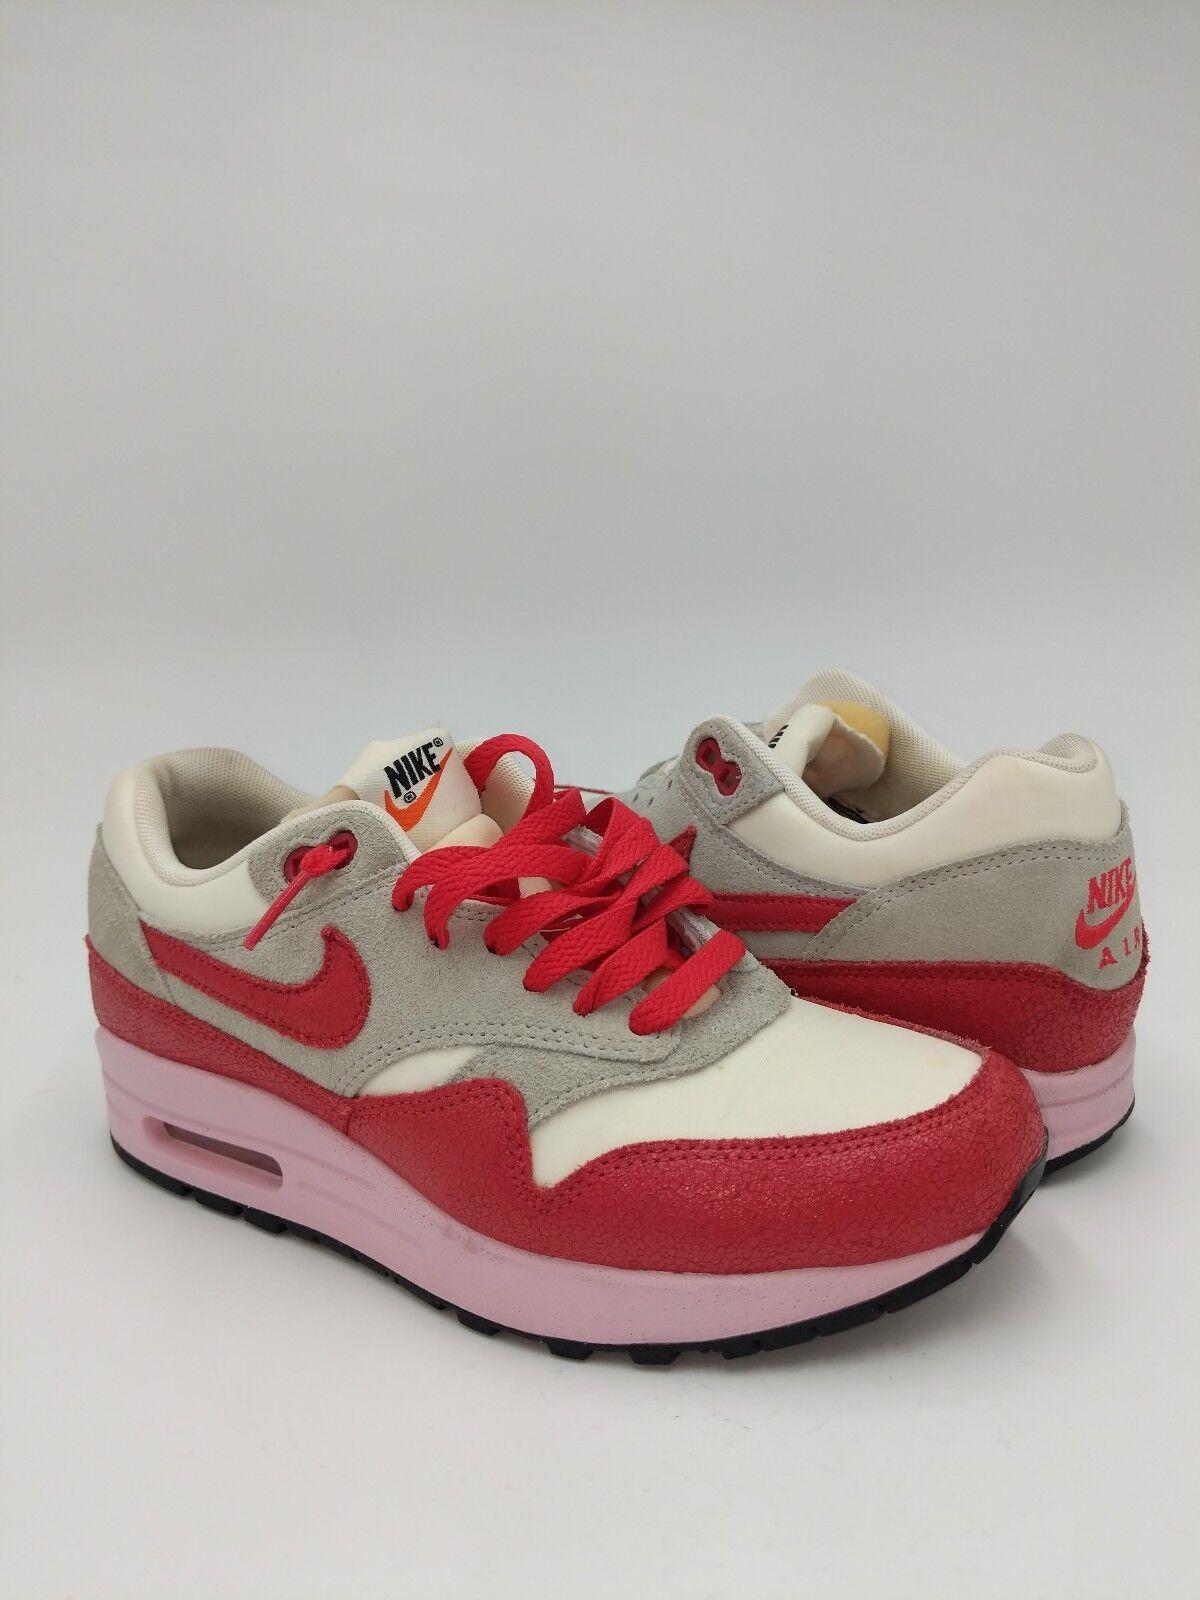 1940deb719a538 Nike WMNS Air Mas 1 VNTG VNTG VNTG - 555284 103 Size 6.5 d09fbb ...